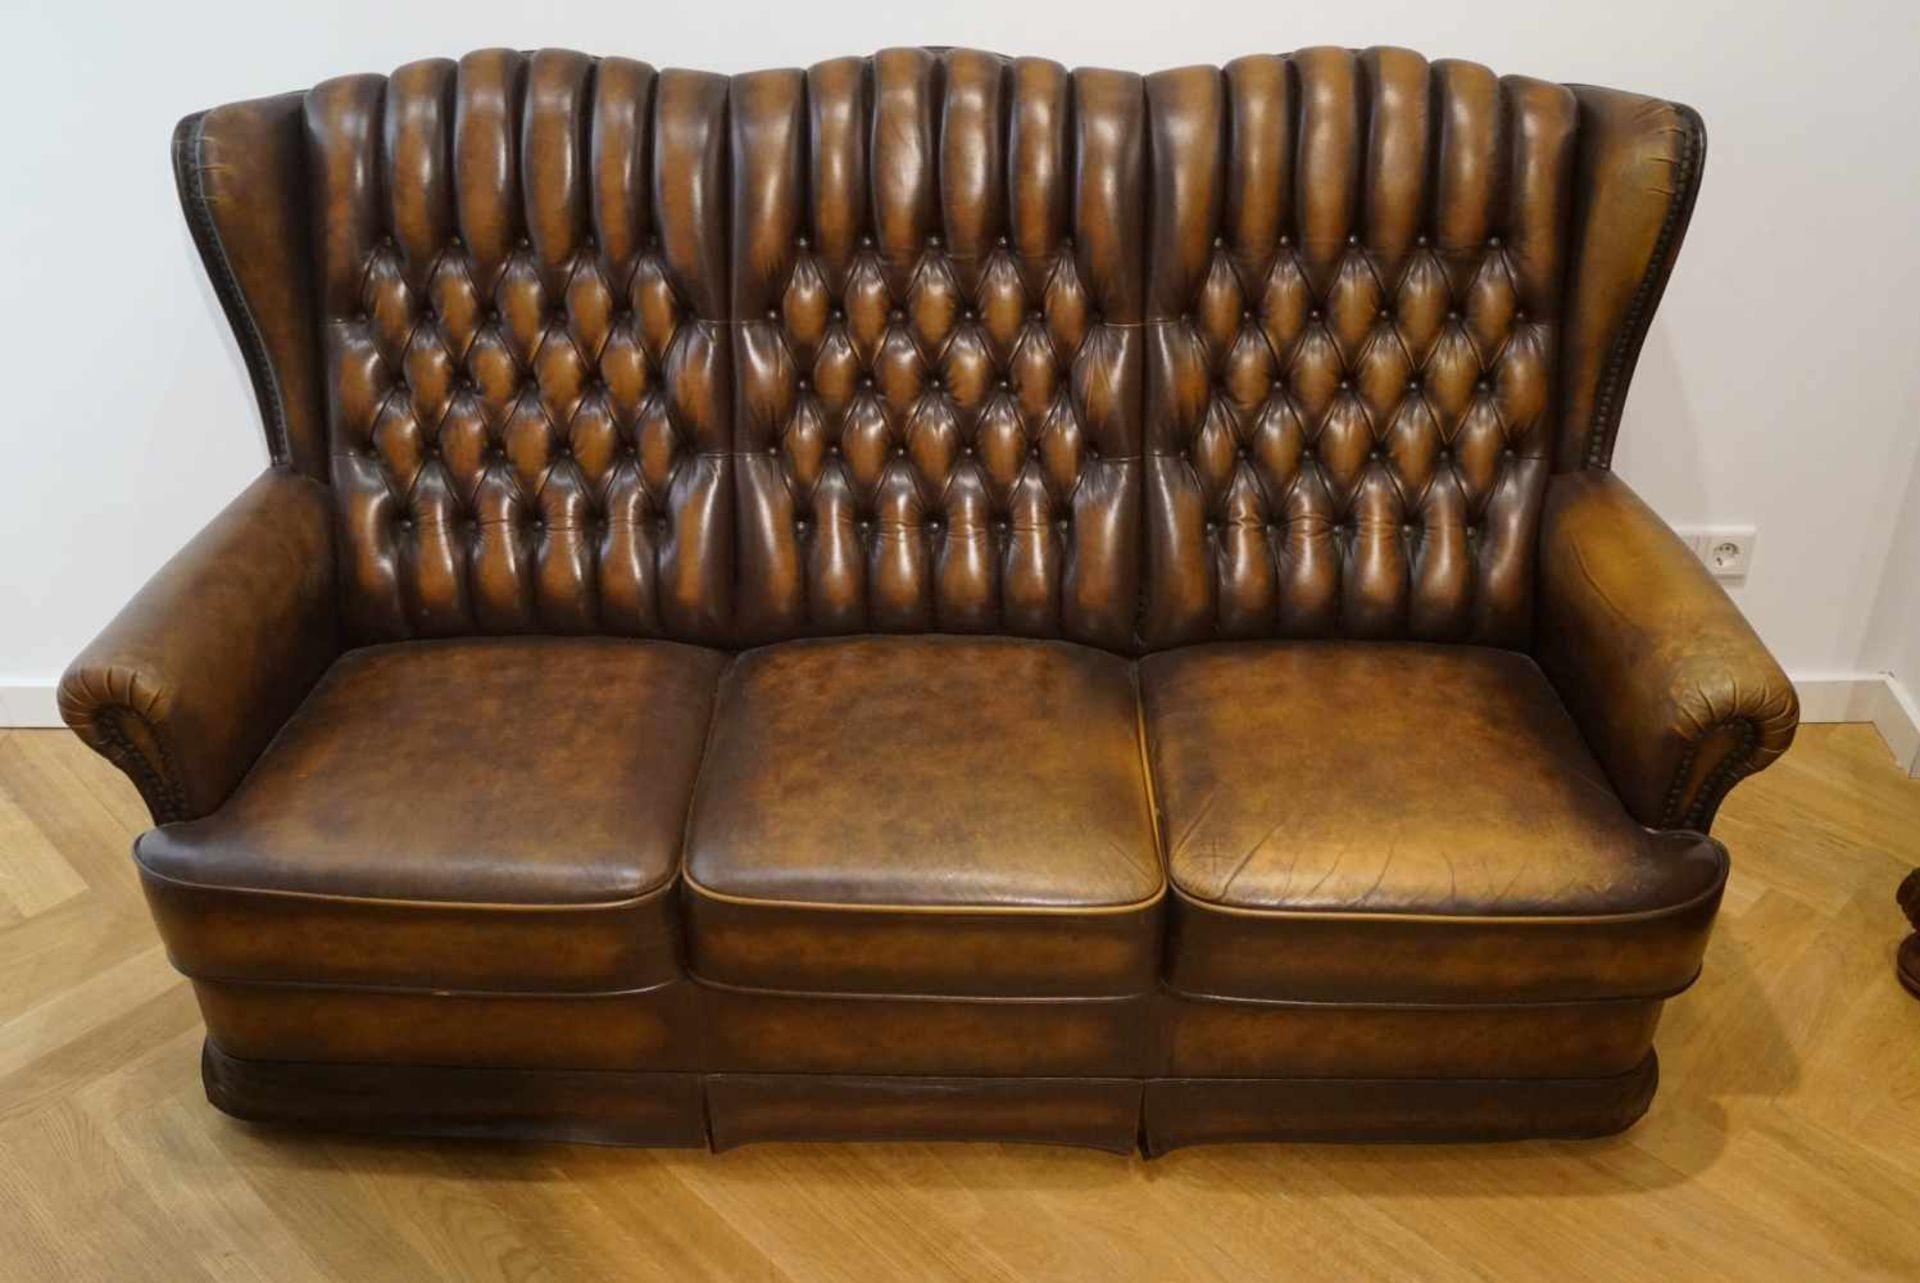 Couch für drei PersonenChesterfield-Stil, braunes Leder, Maße Höhe 101 cm x Länge 175 cm x Tiefe